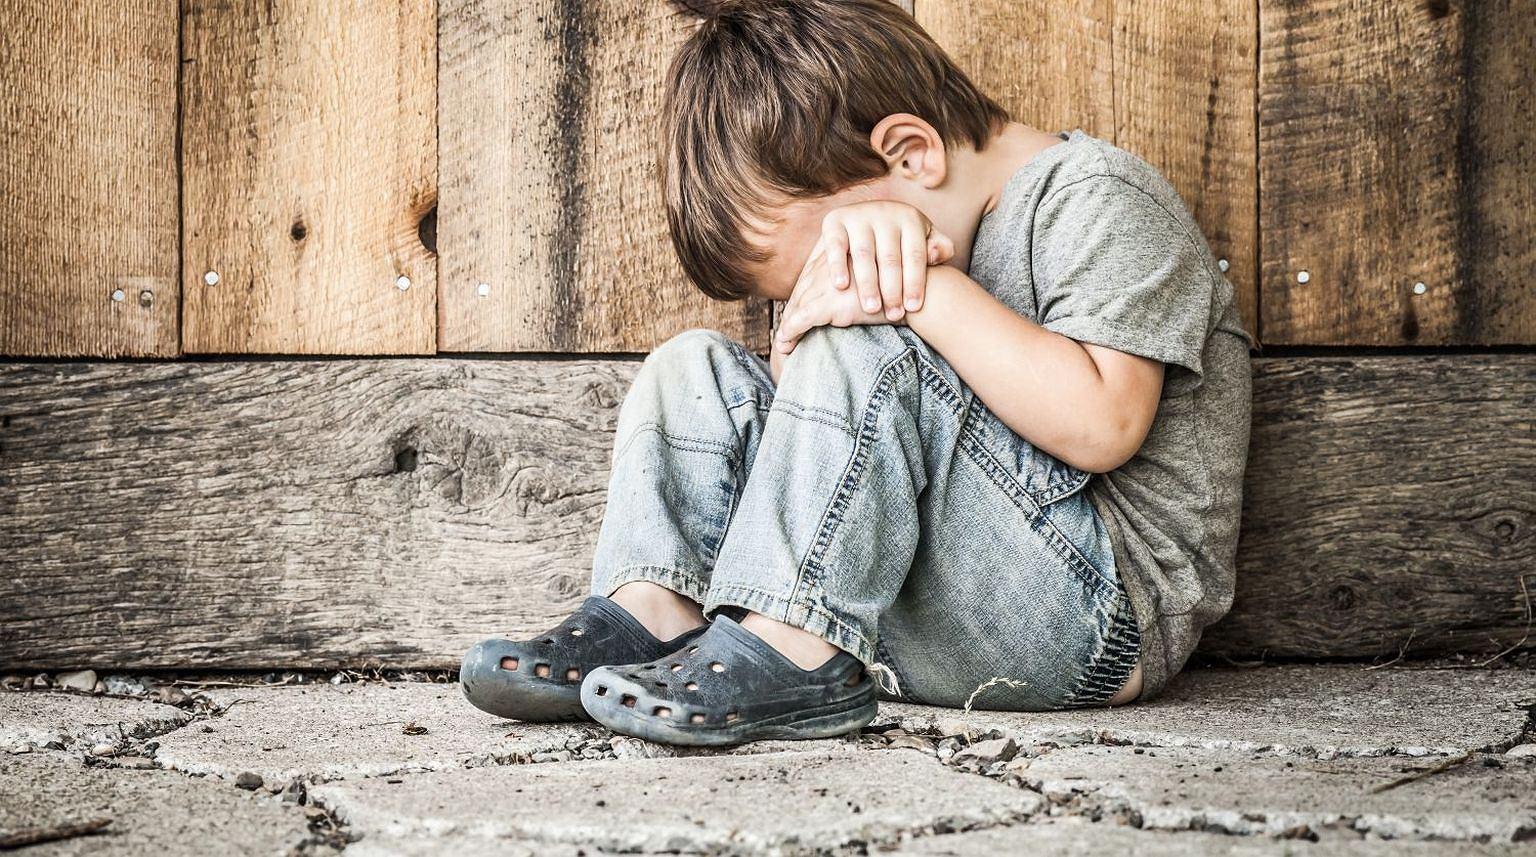 Dzieci, które są narażone na przemoc, mają problemy z bliskimi relacjami i zaburzenia więzi